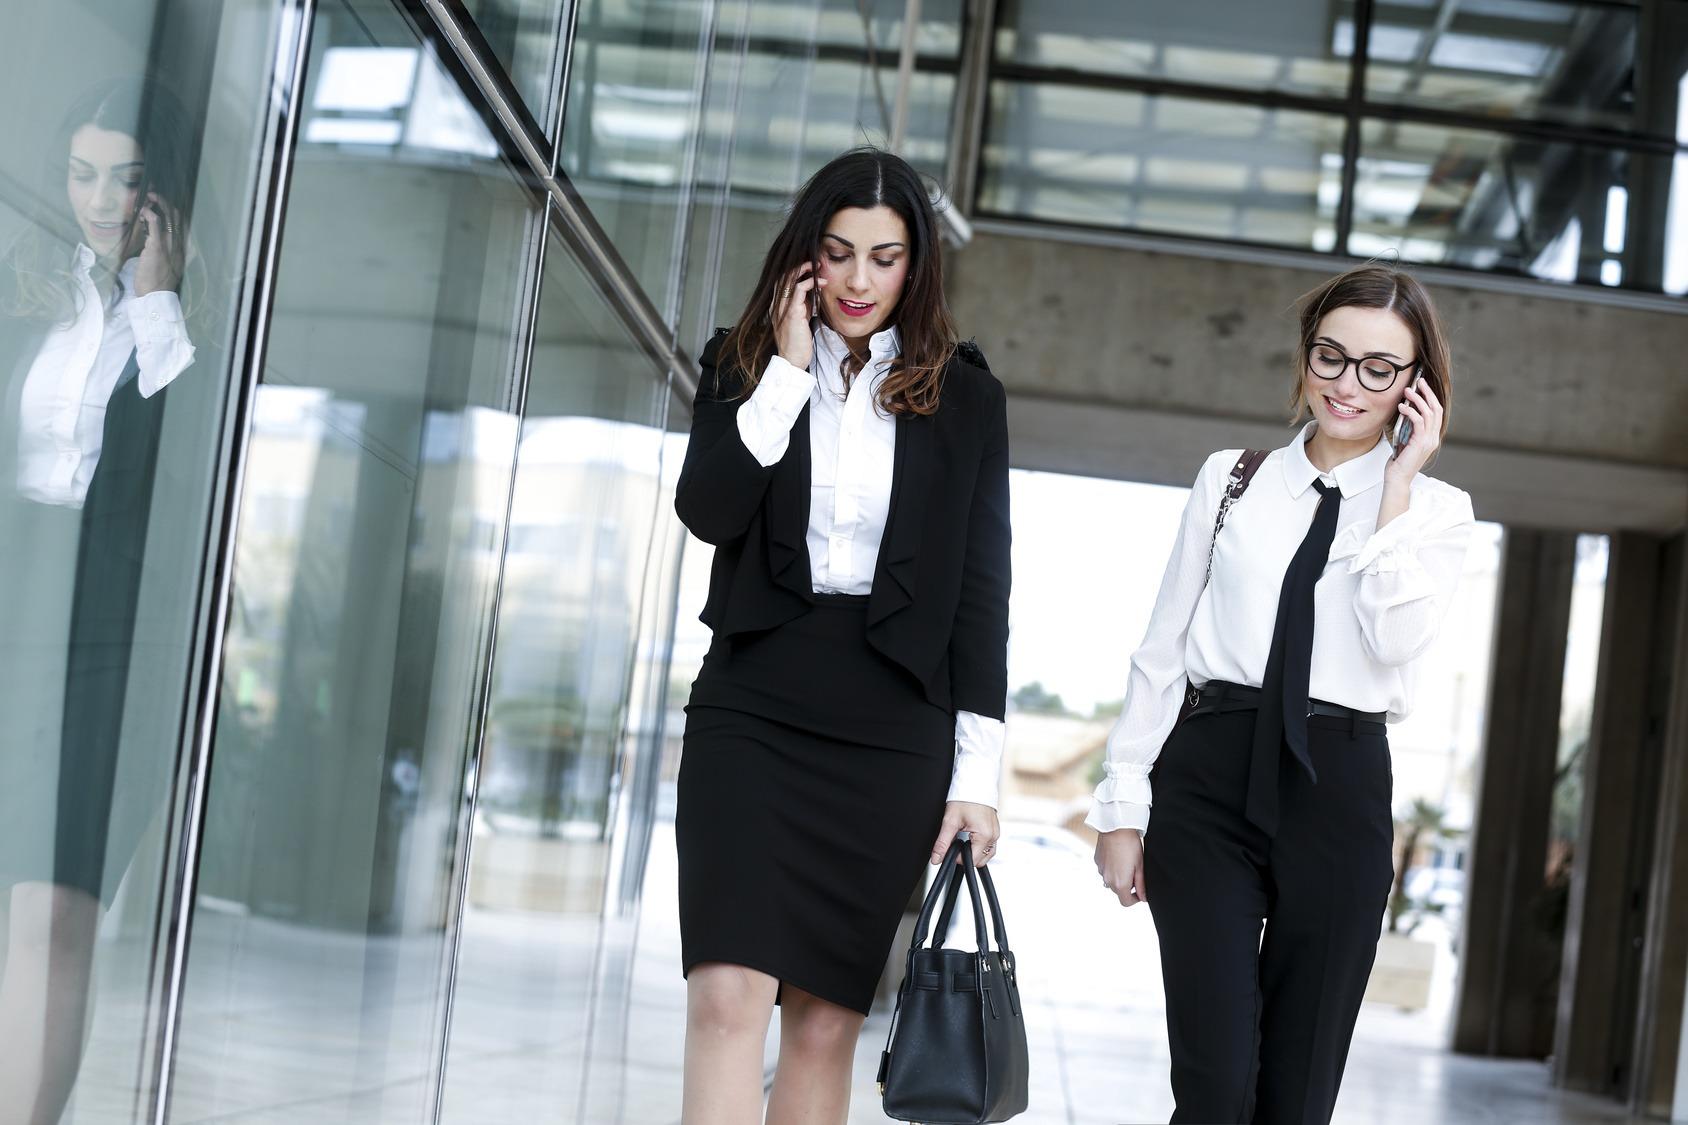 Zwei Bewerberinnen im Business-Look laufen vor einer Glasfassade und telefonieren. Links: Blazer, Bluse, Rock. Rechts: Bluse, Krawatte, Hose.